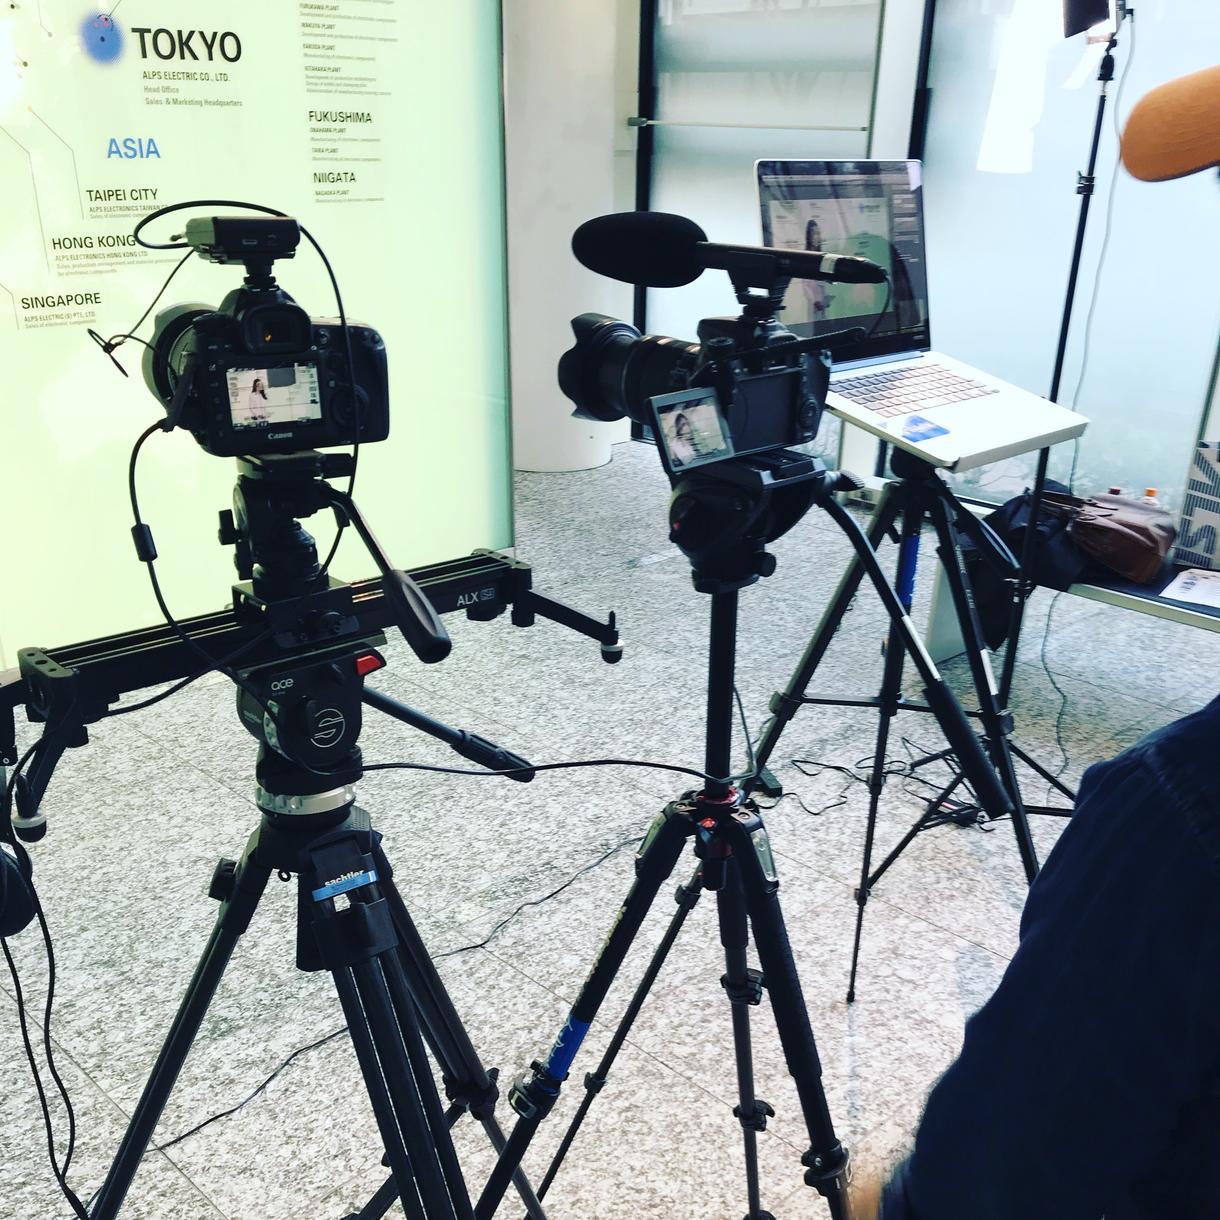 写真よりも動画の時代!5分以内の動画編集承ります 使用用途に合わせた動画のご提案や、撮影アドバイスも可能!